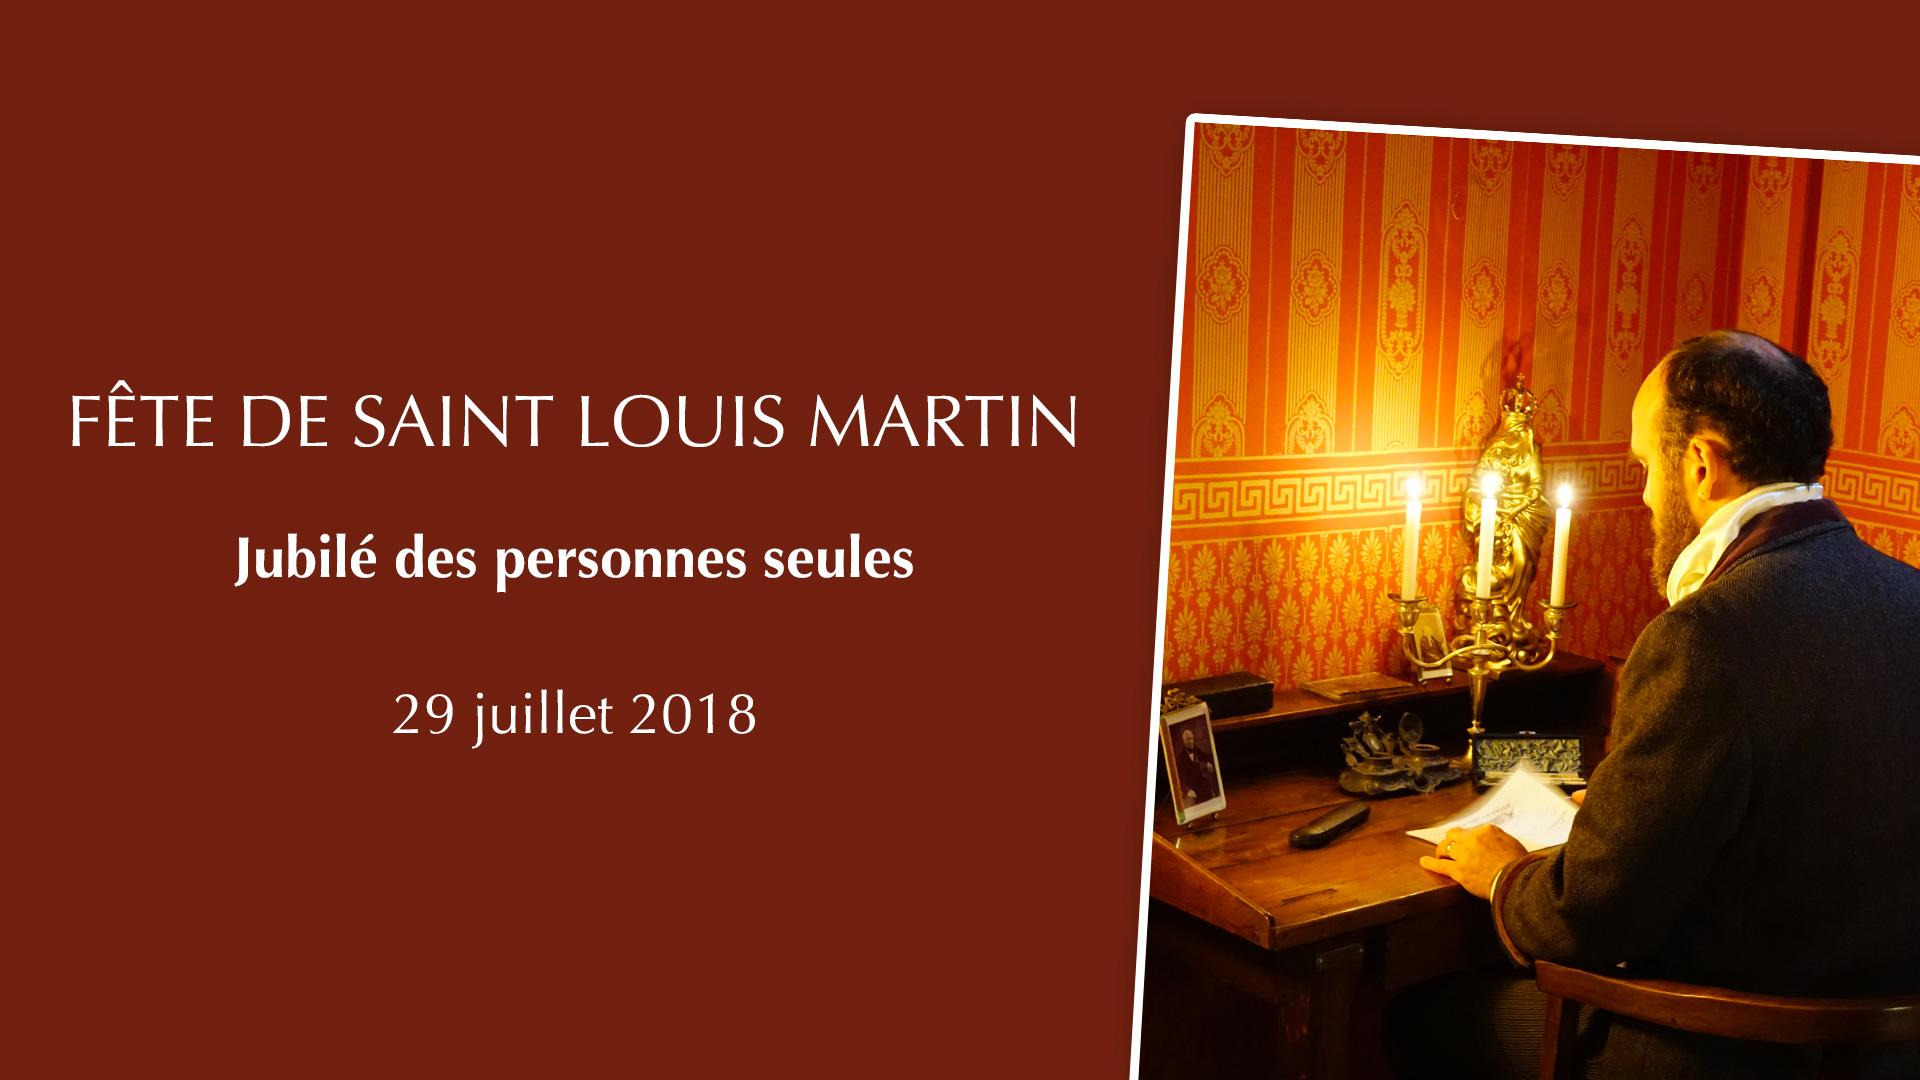 Fête de saint Louis Martin – Jubilé des personnes seules le 29 juillet 2018 au Sanctuaire d'Alençon (61)